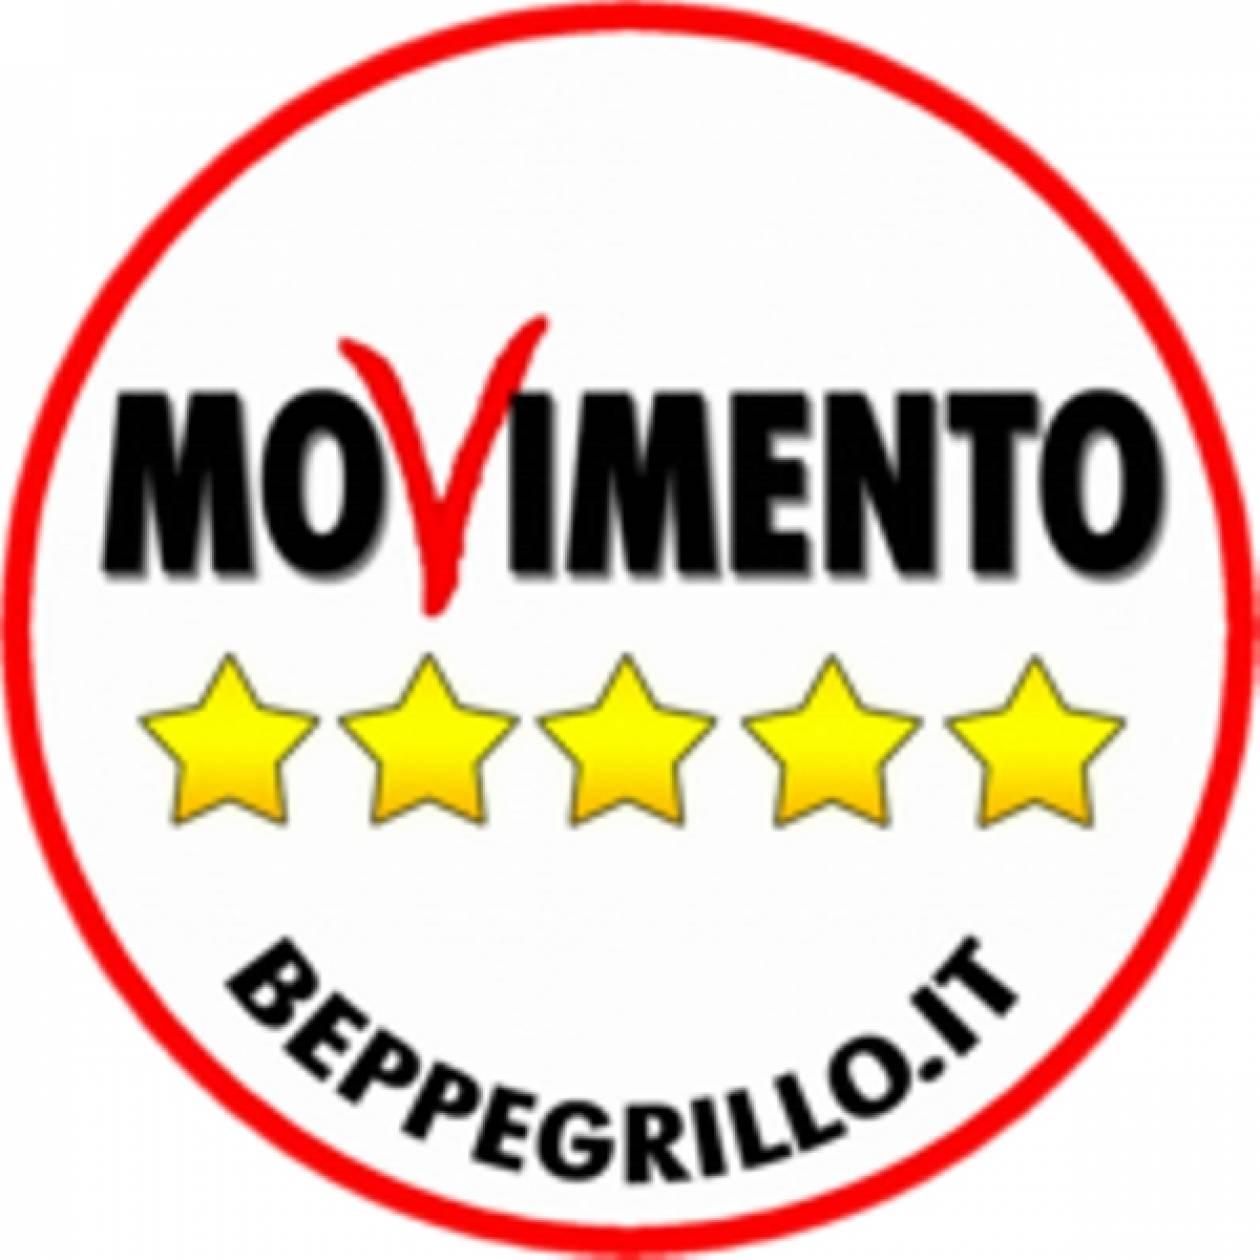 Έντονη φημολογία για τη διάσπαση του κινήματος Πέντε Αστέρων